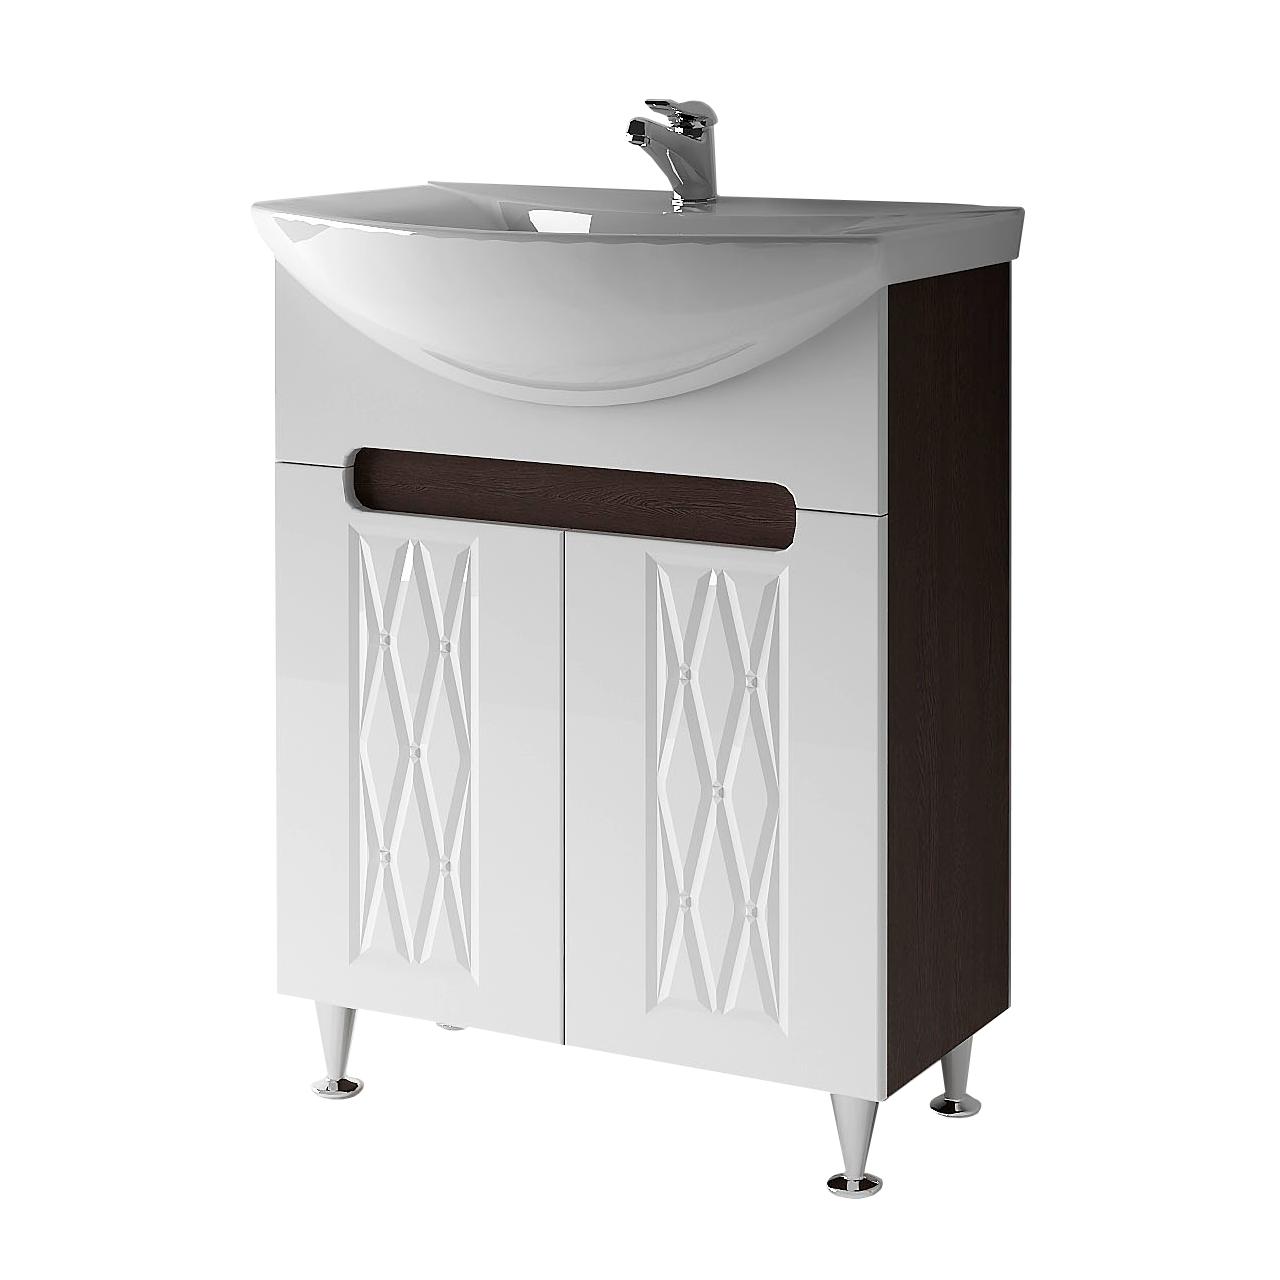 Тумба під раковину для ванної кімнати Венеція Вт 1-65в ( венге ) з умивальником Omega 65 ВанЛанд